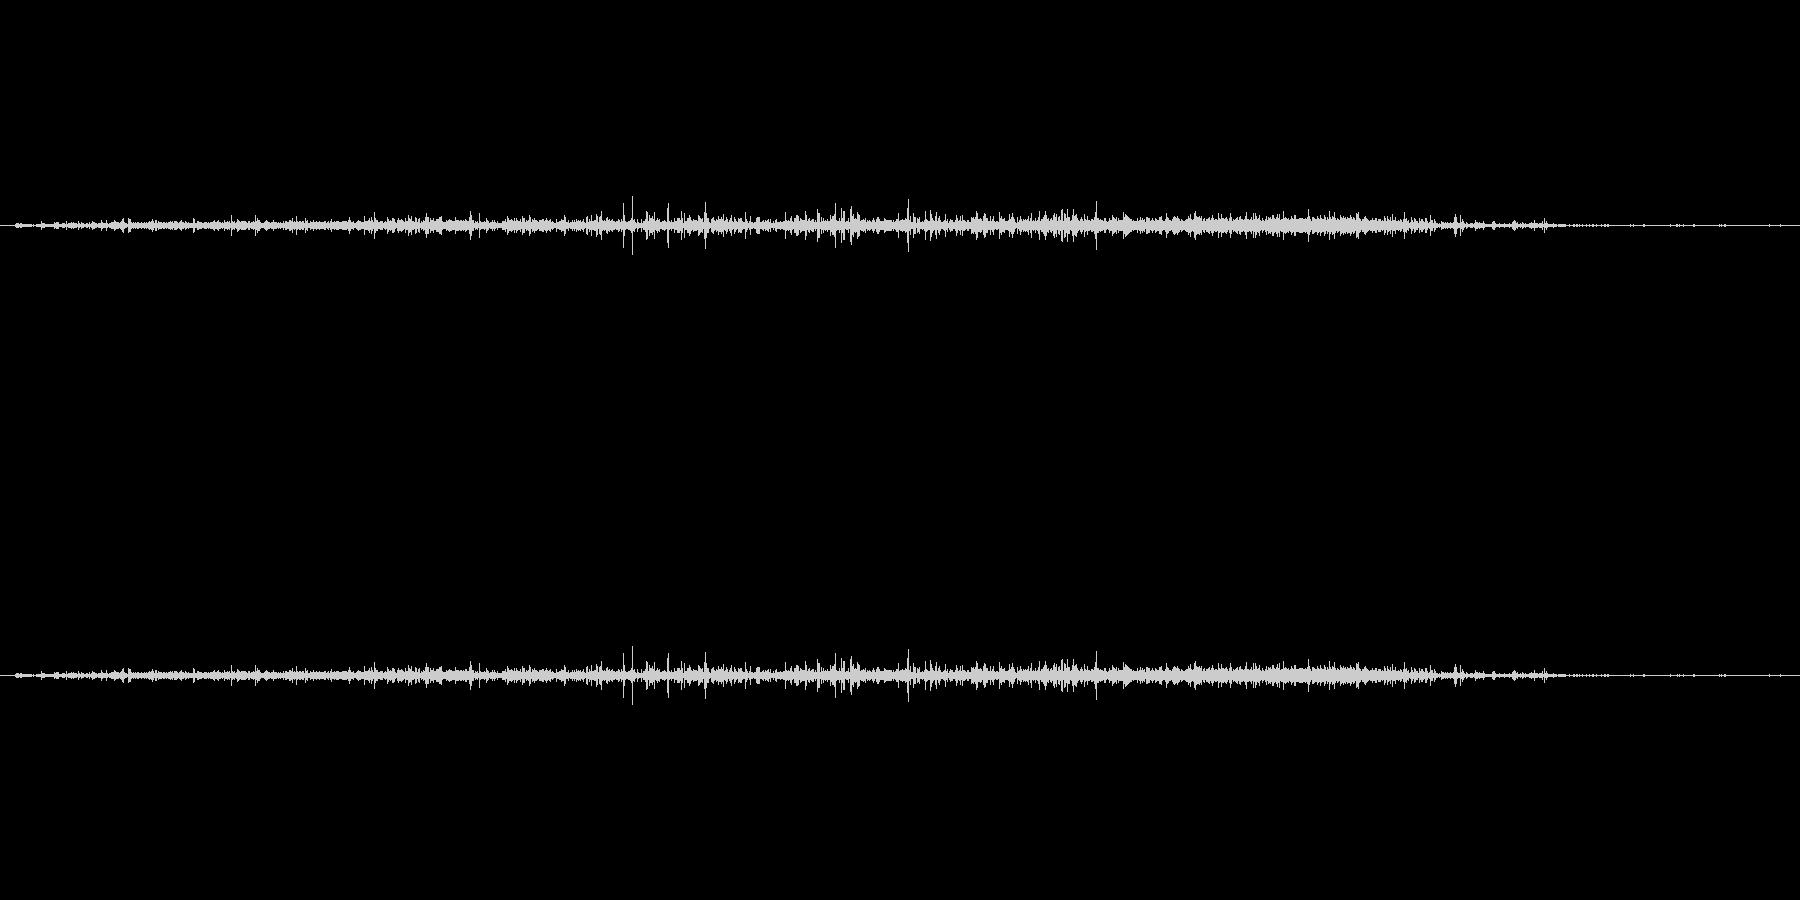 【生音】ザー(さらさら)粒が落下流れる音の未再生の波形